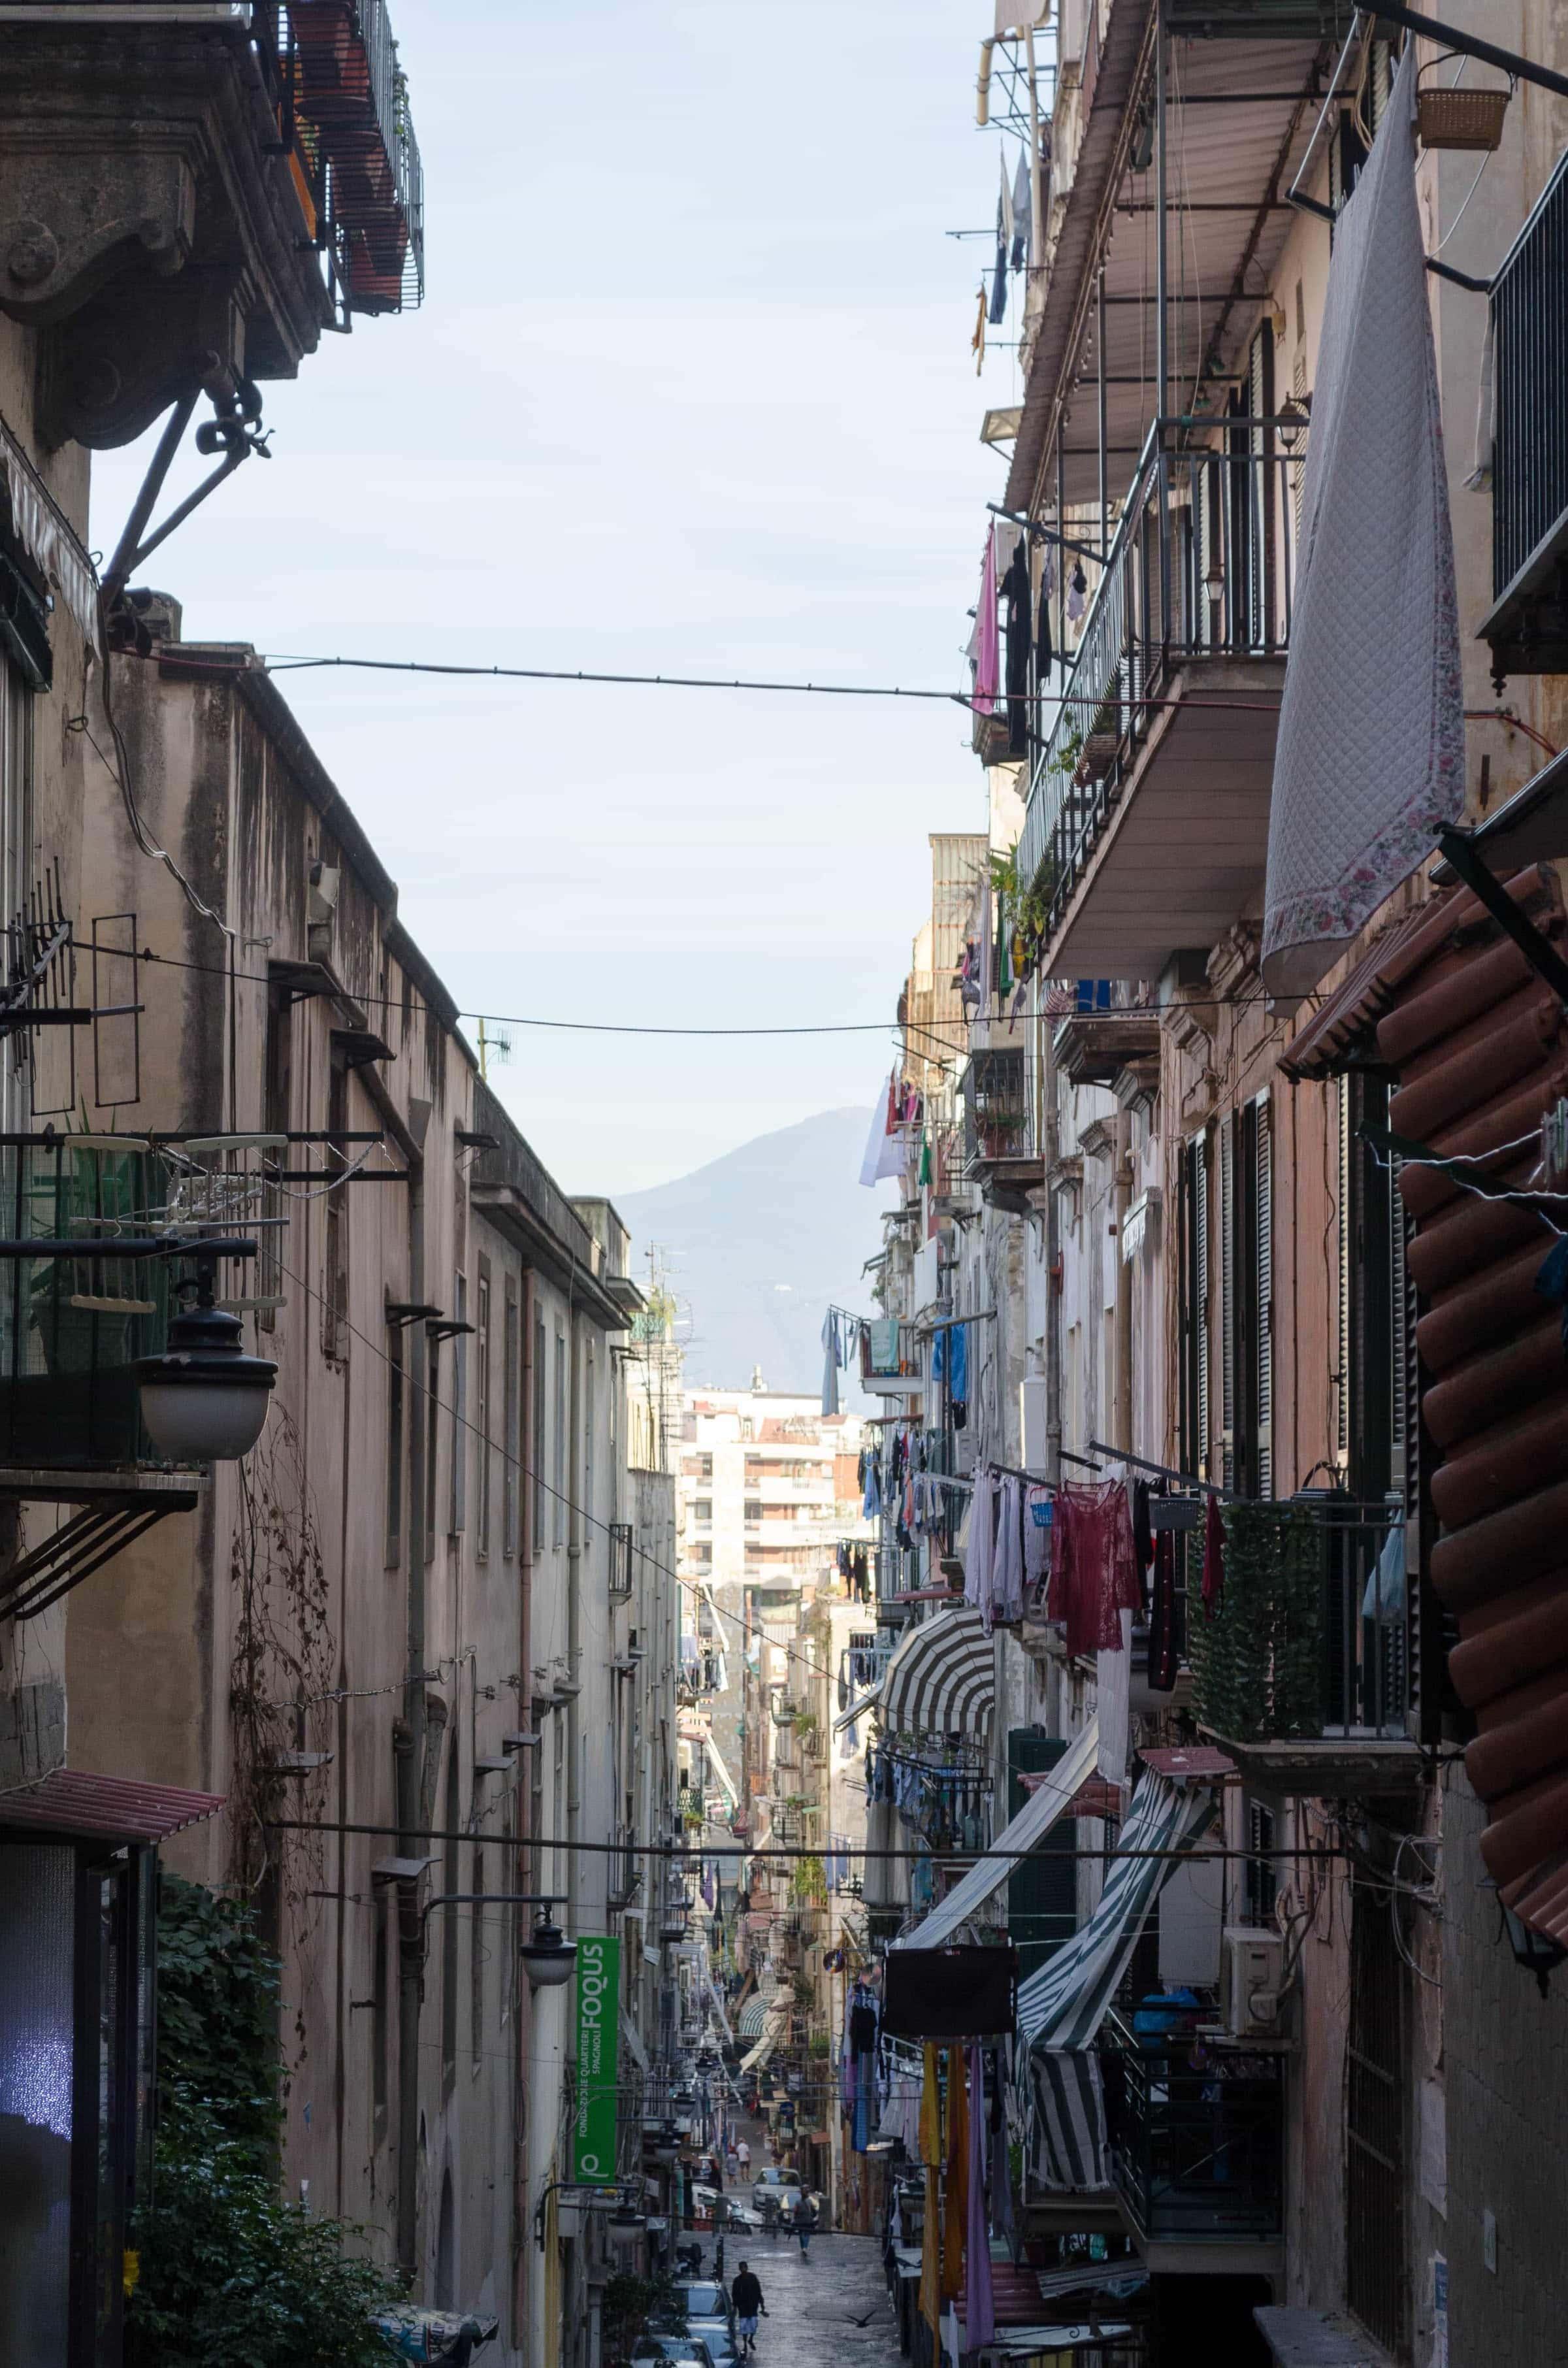 Gassen in Neapel